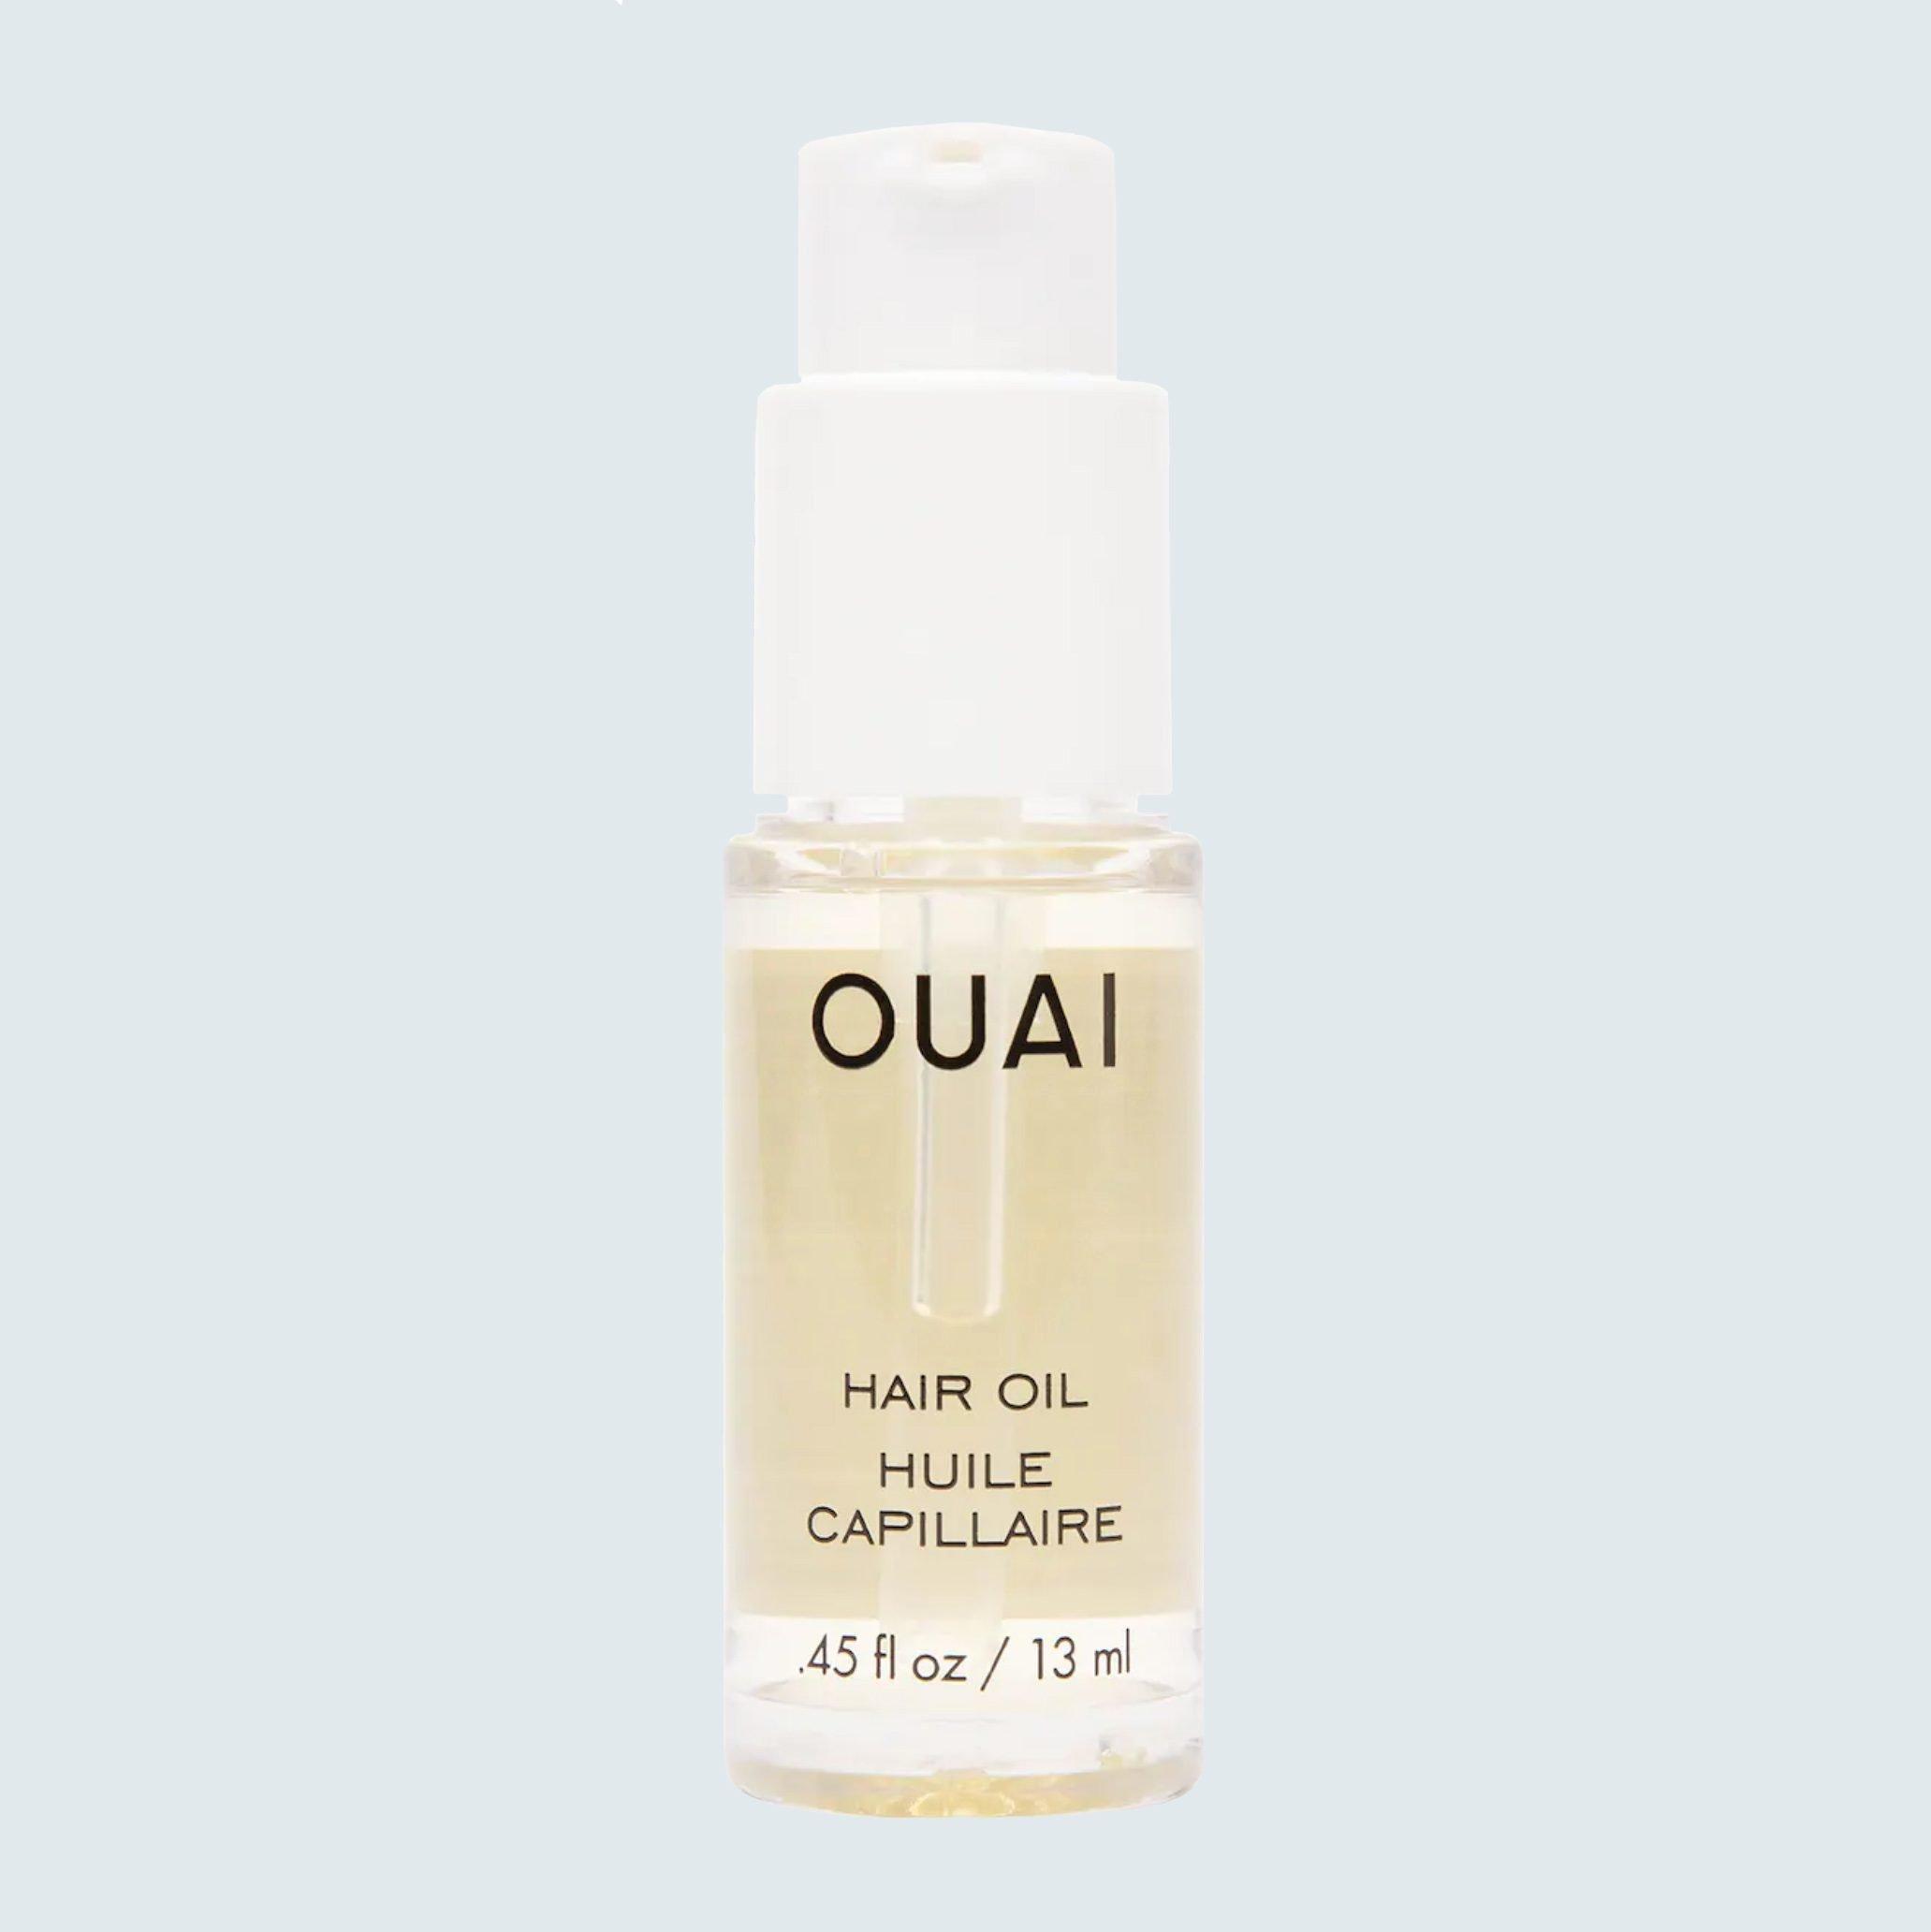 Mini Ouai Hair Oil